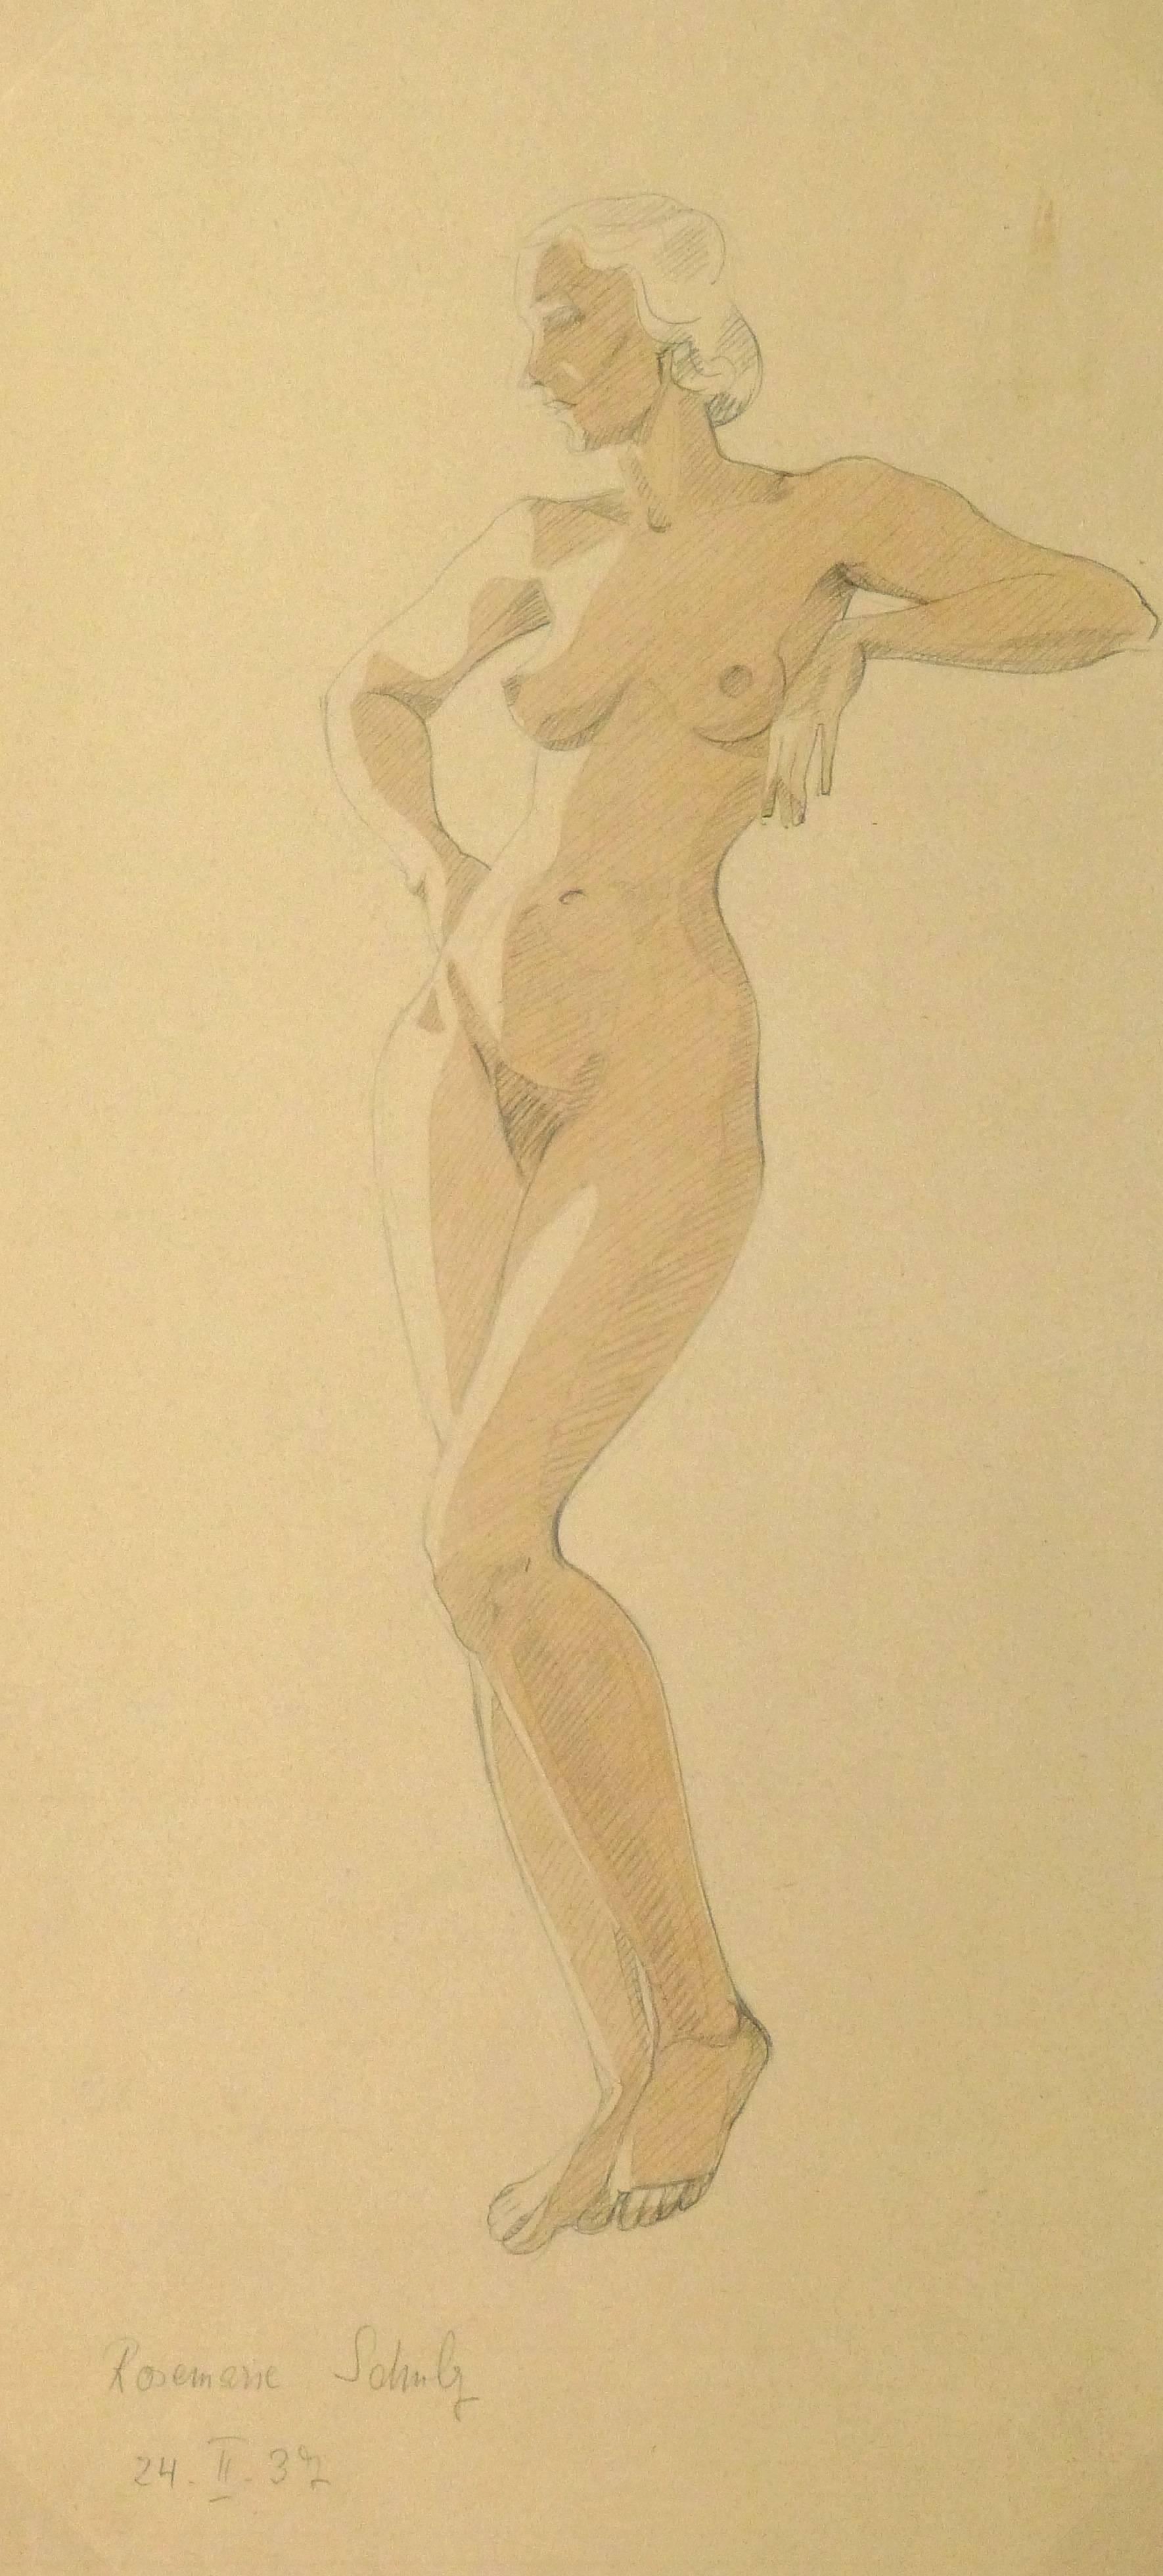 Vintage Pencil & Watercolor Sketch - Sultry Female Nude